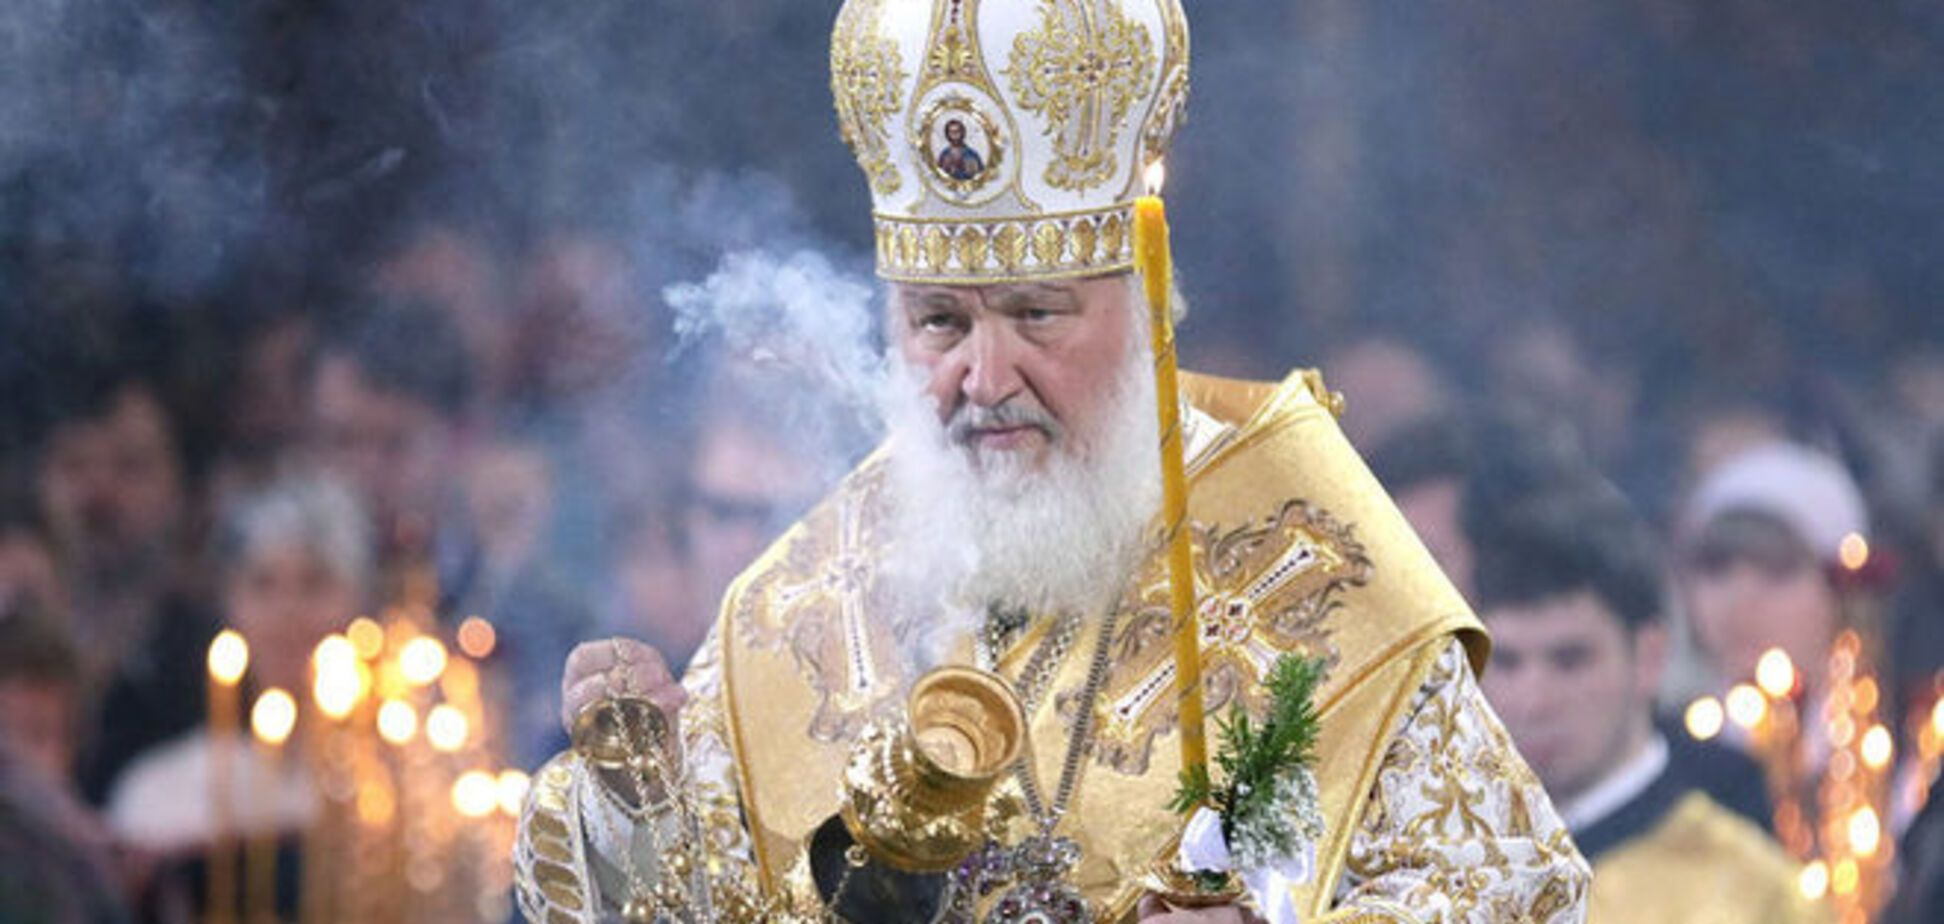 УПЦ МП оправдается из-за скандального заявления патриарха Кирилла об Украине